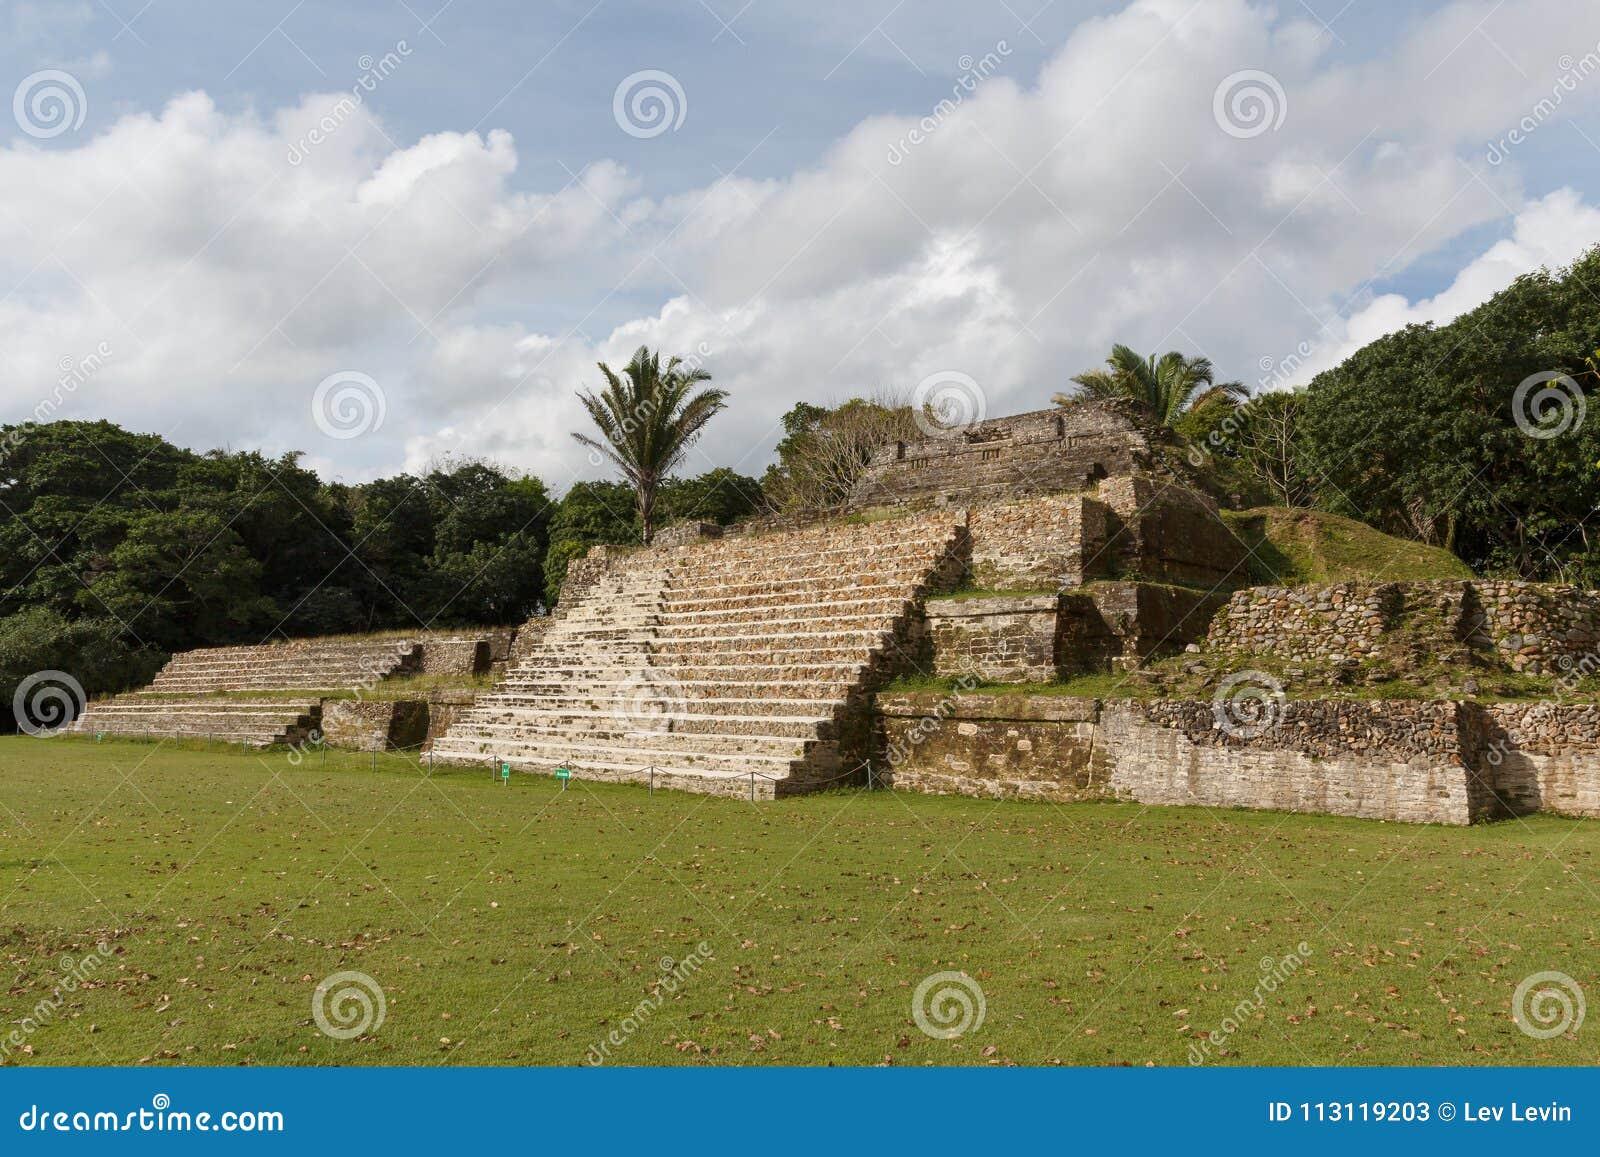 Ruines du site archéologique maya antique Altun Ha